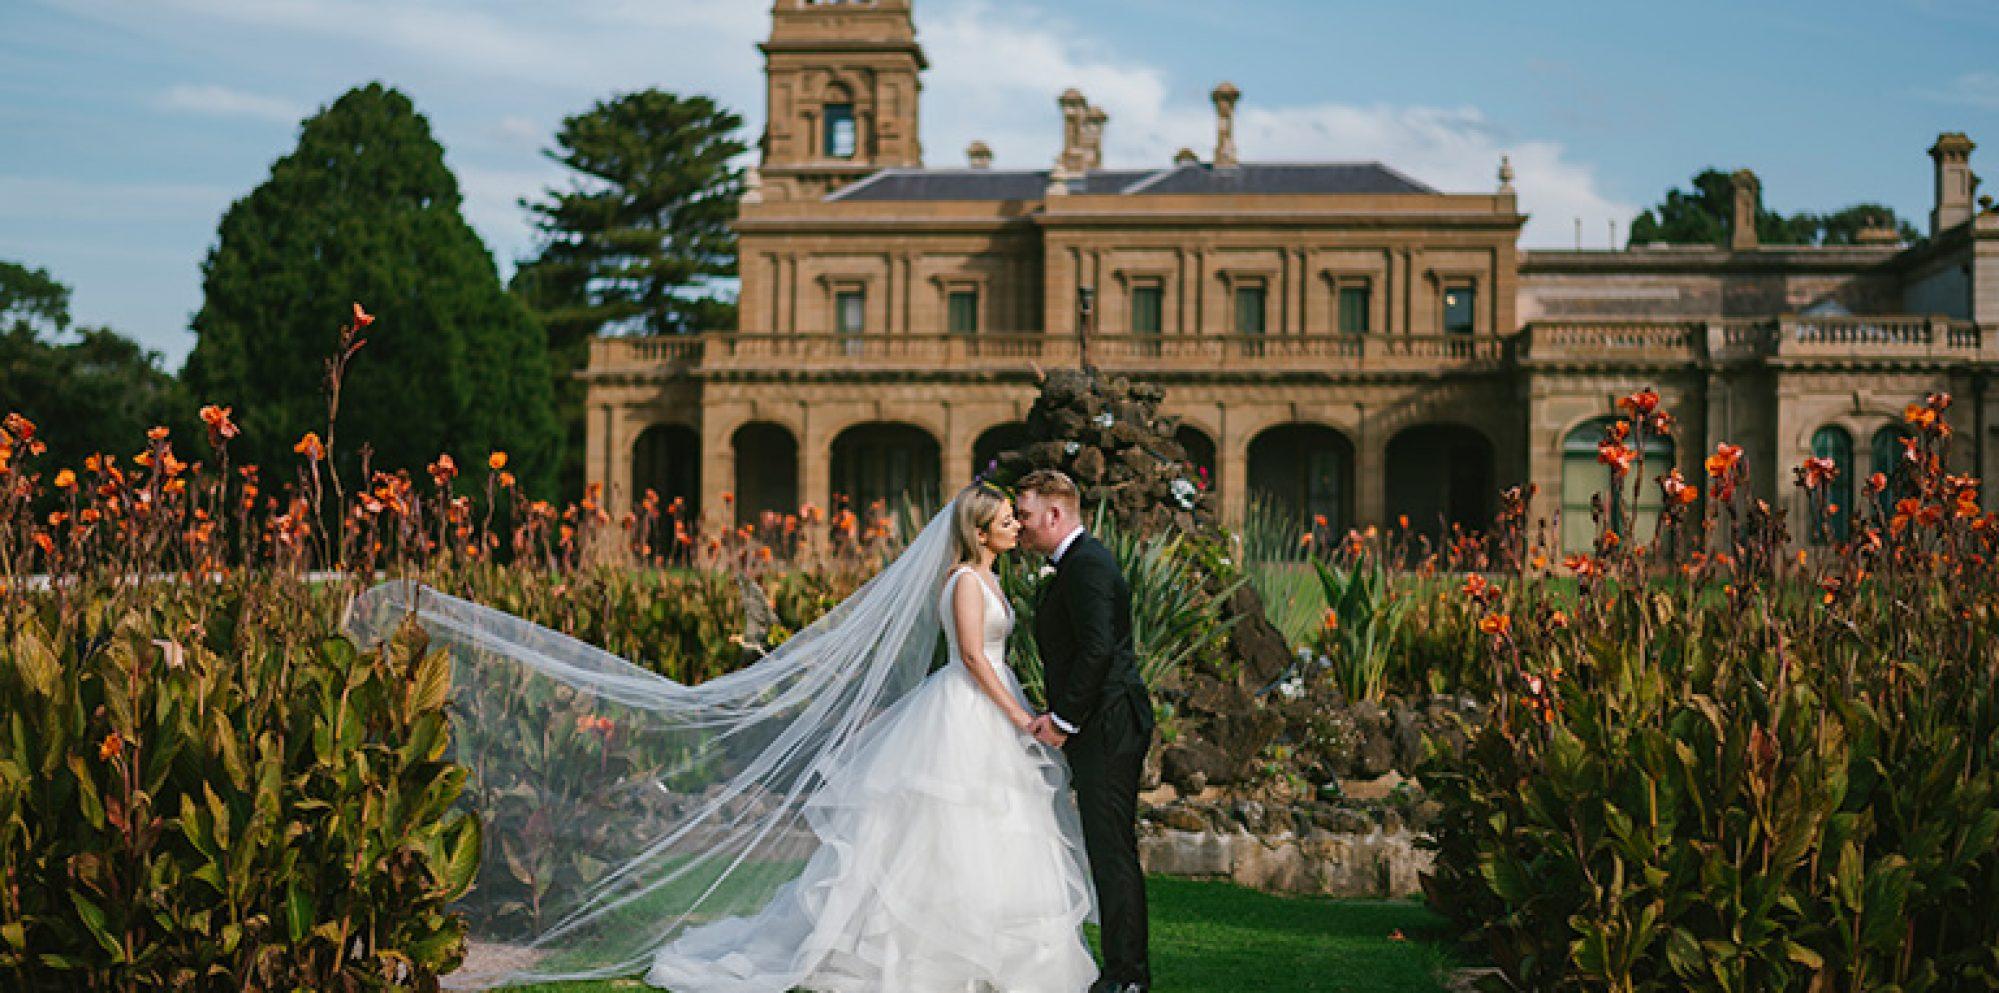 Kristen & darren melbourne wedding videography @ lancemore werribee mansion